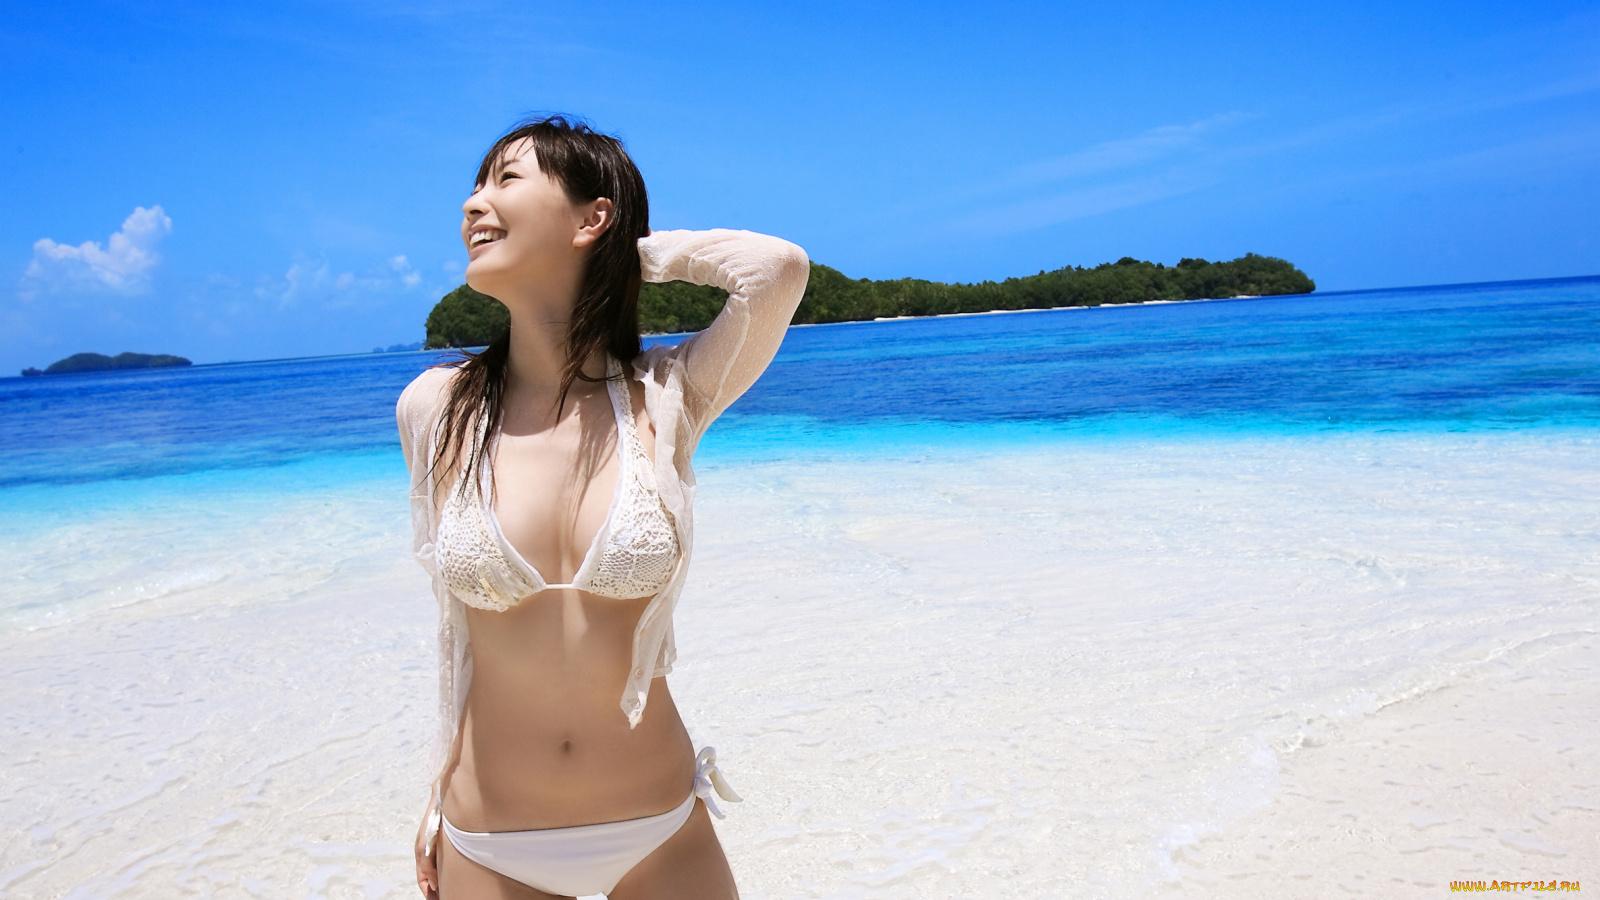 Китаянки красивые фото на пляже